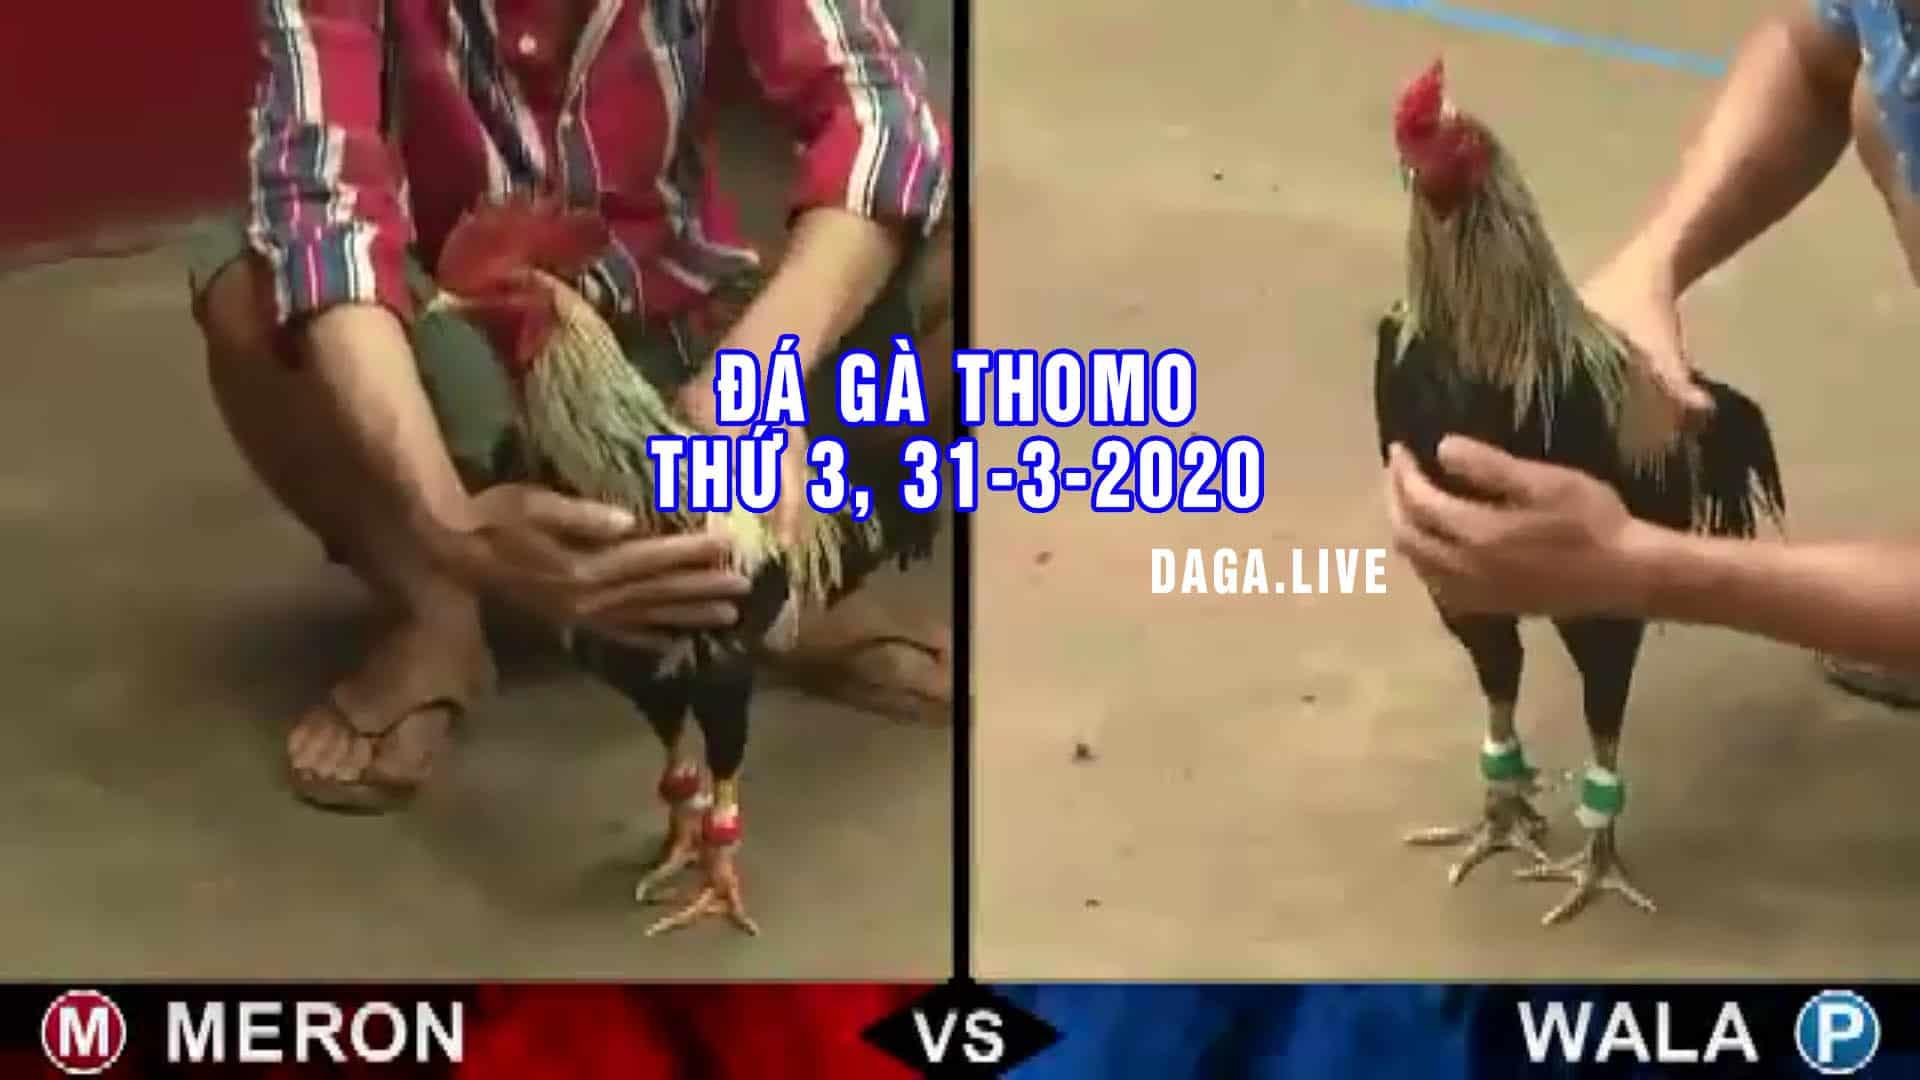 DAGA.LIVE - Đá gà thomo hôm nay, đá gà campuchia, đá gà cựa sắt, đá gà trực tiếp thứ 3 ngày 31-3-2020